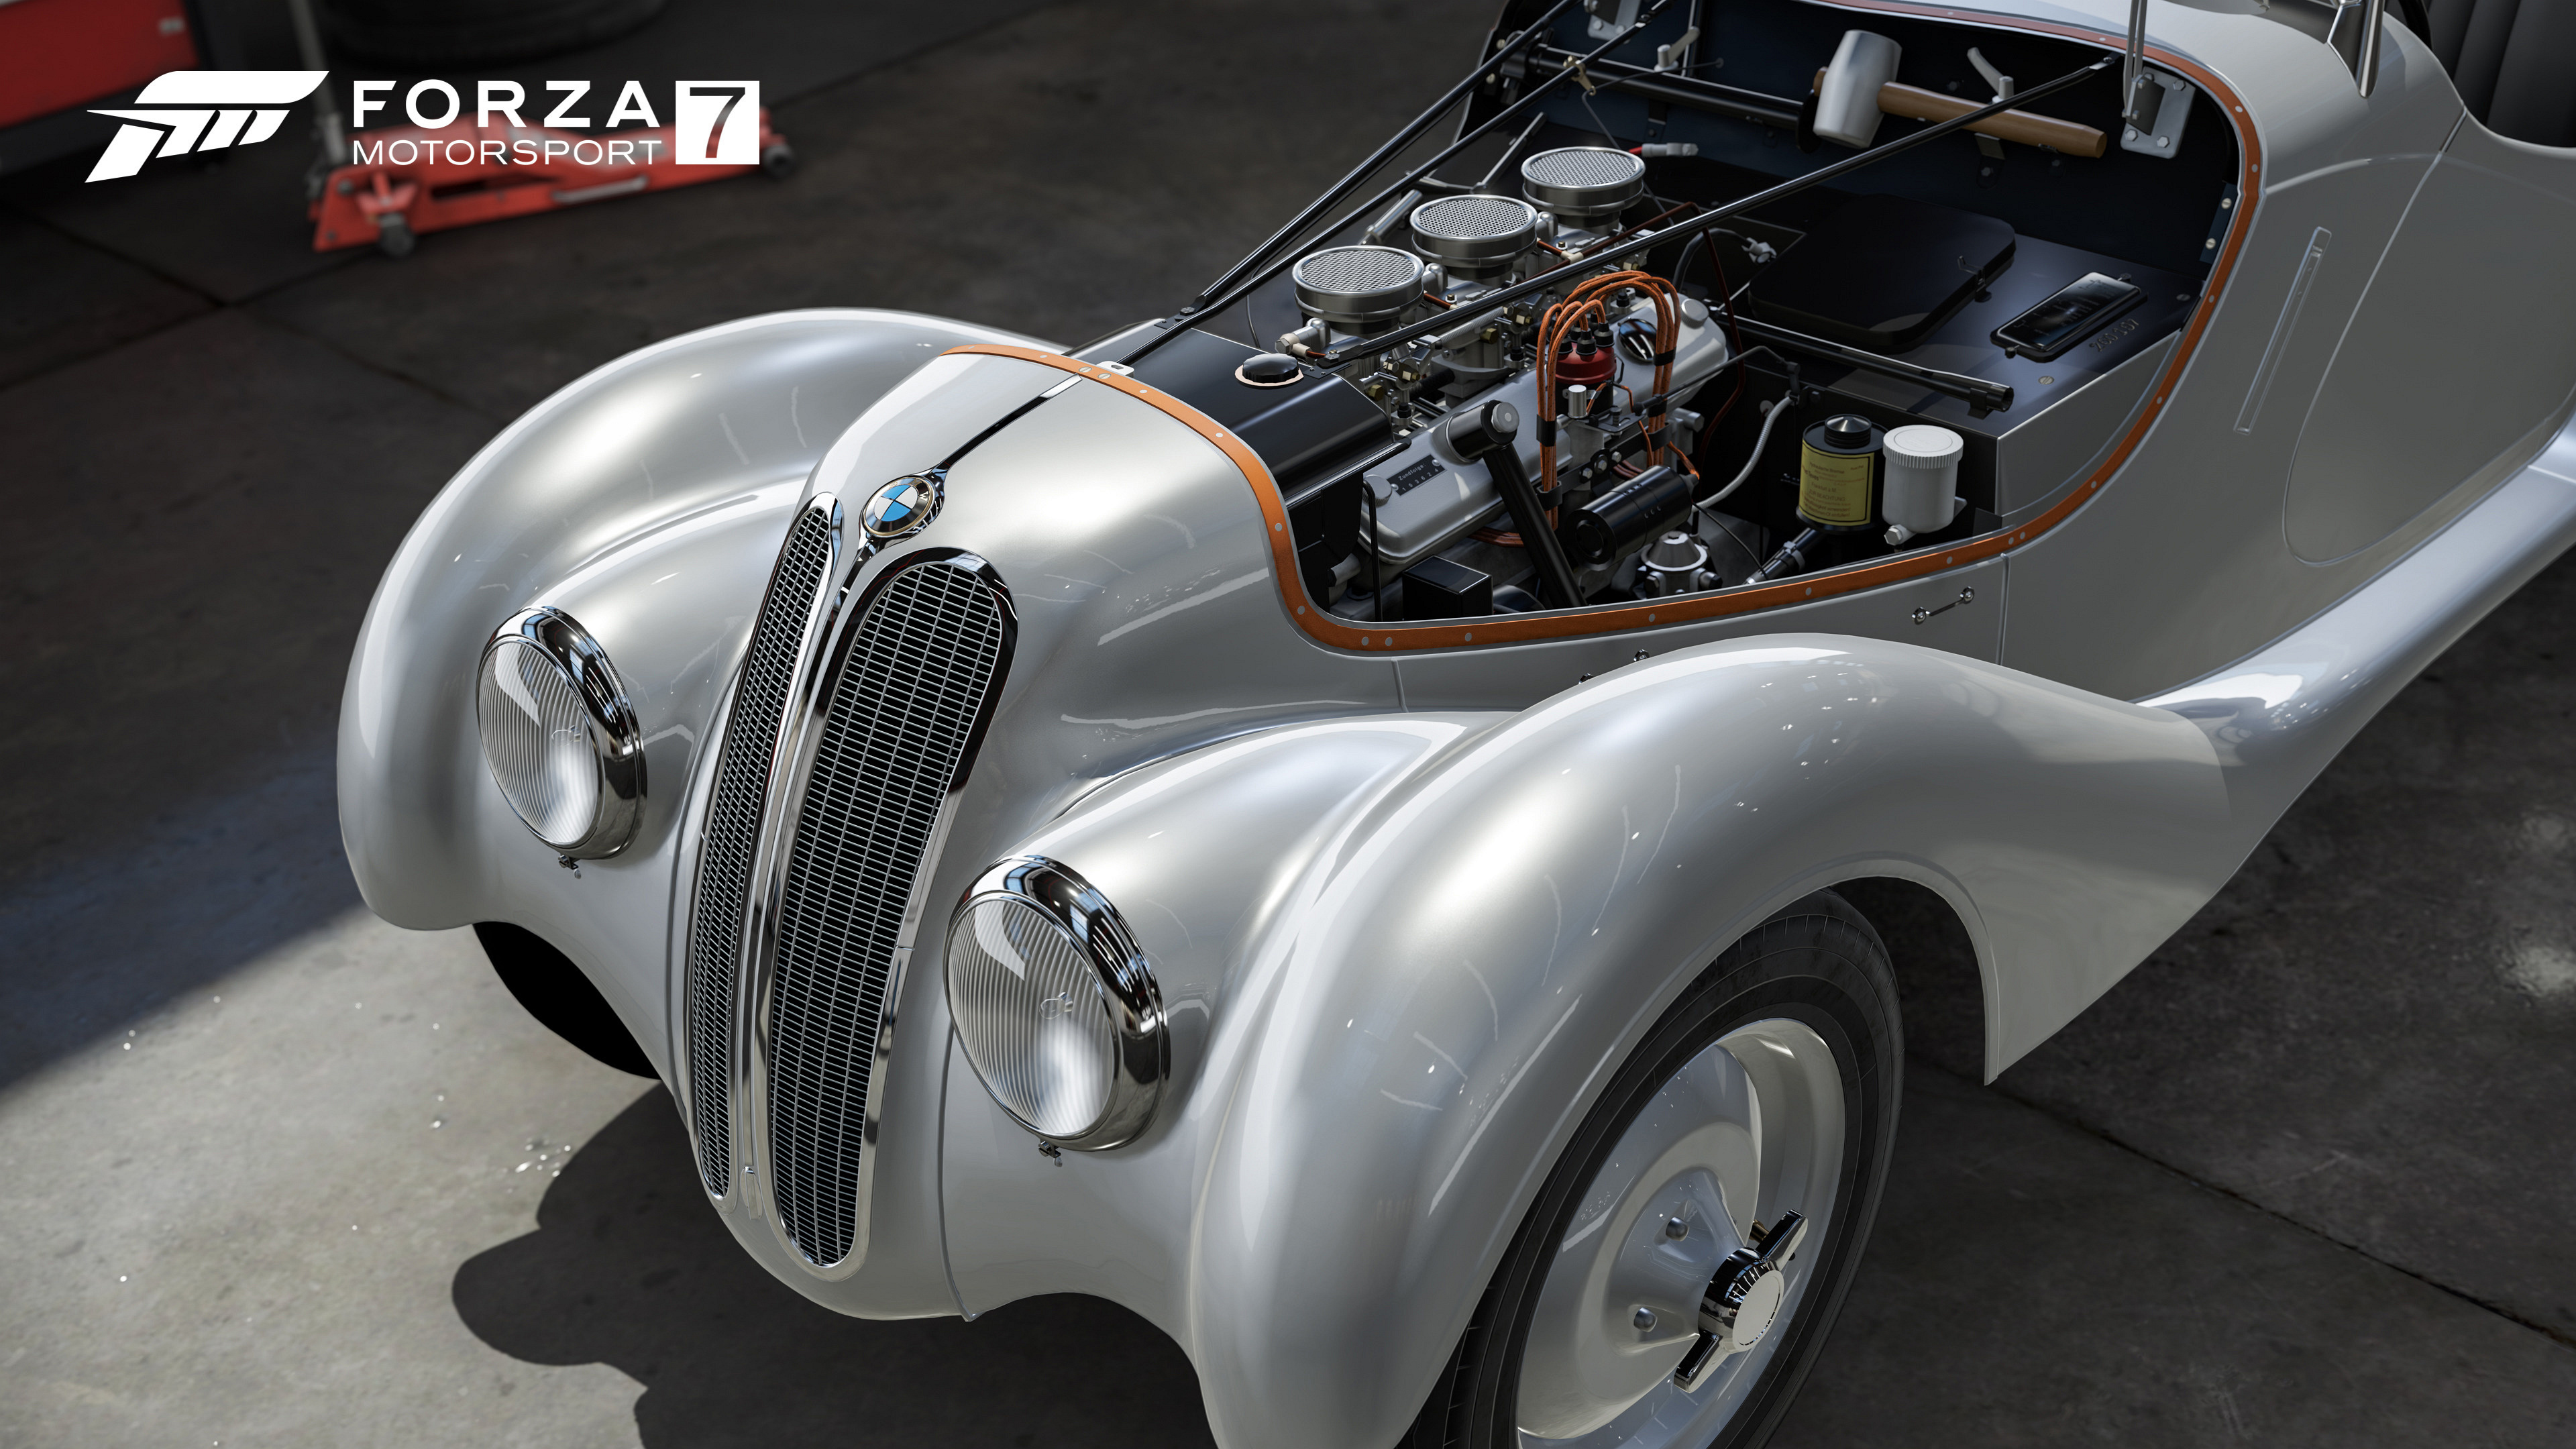 forza motorsport 7 doritos car pack herstellerbilder v 4k screenshot galerie. Black Bedroom Furniture Sets. Home Design Ideas